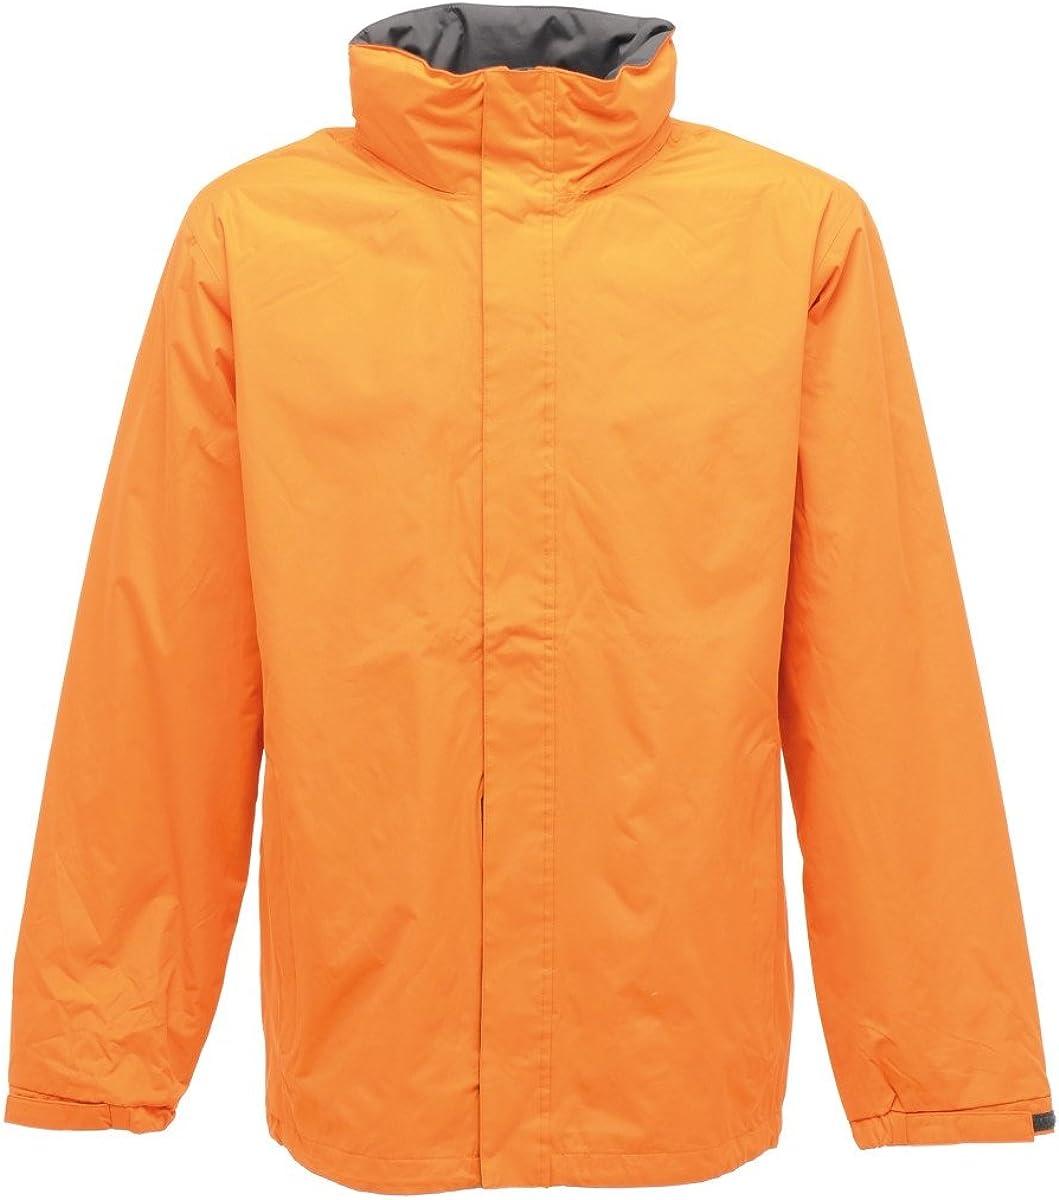 Regatta Men's Standout Ardmore Jacket (Waterproof & Windproof)